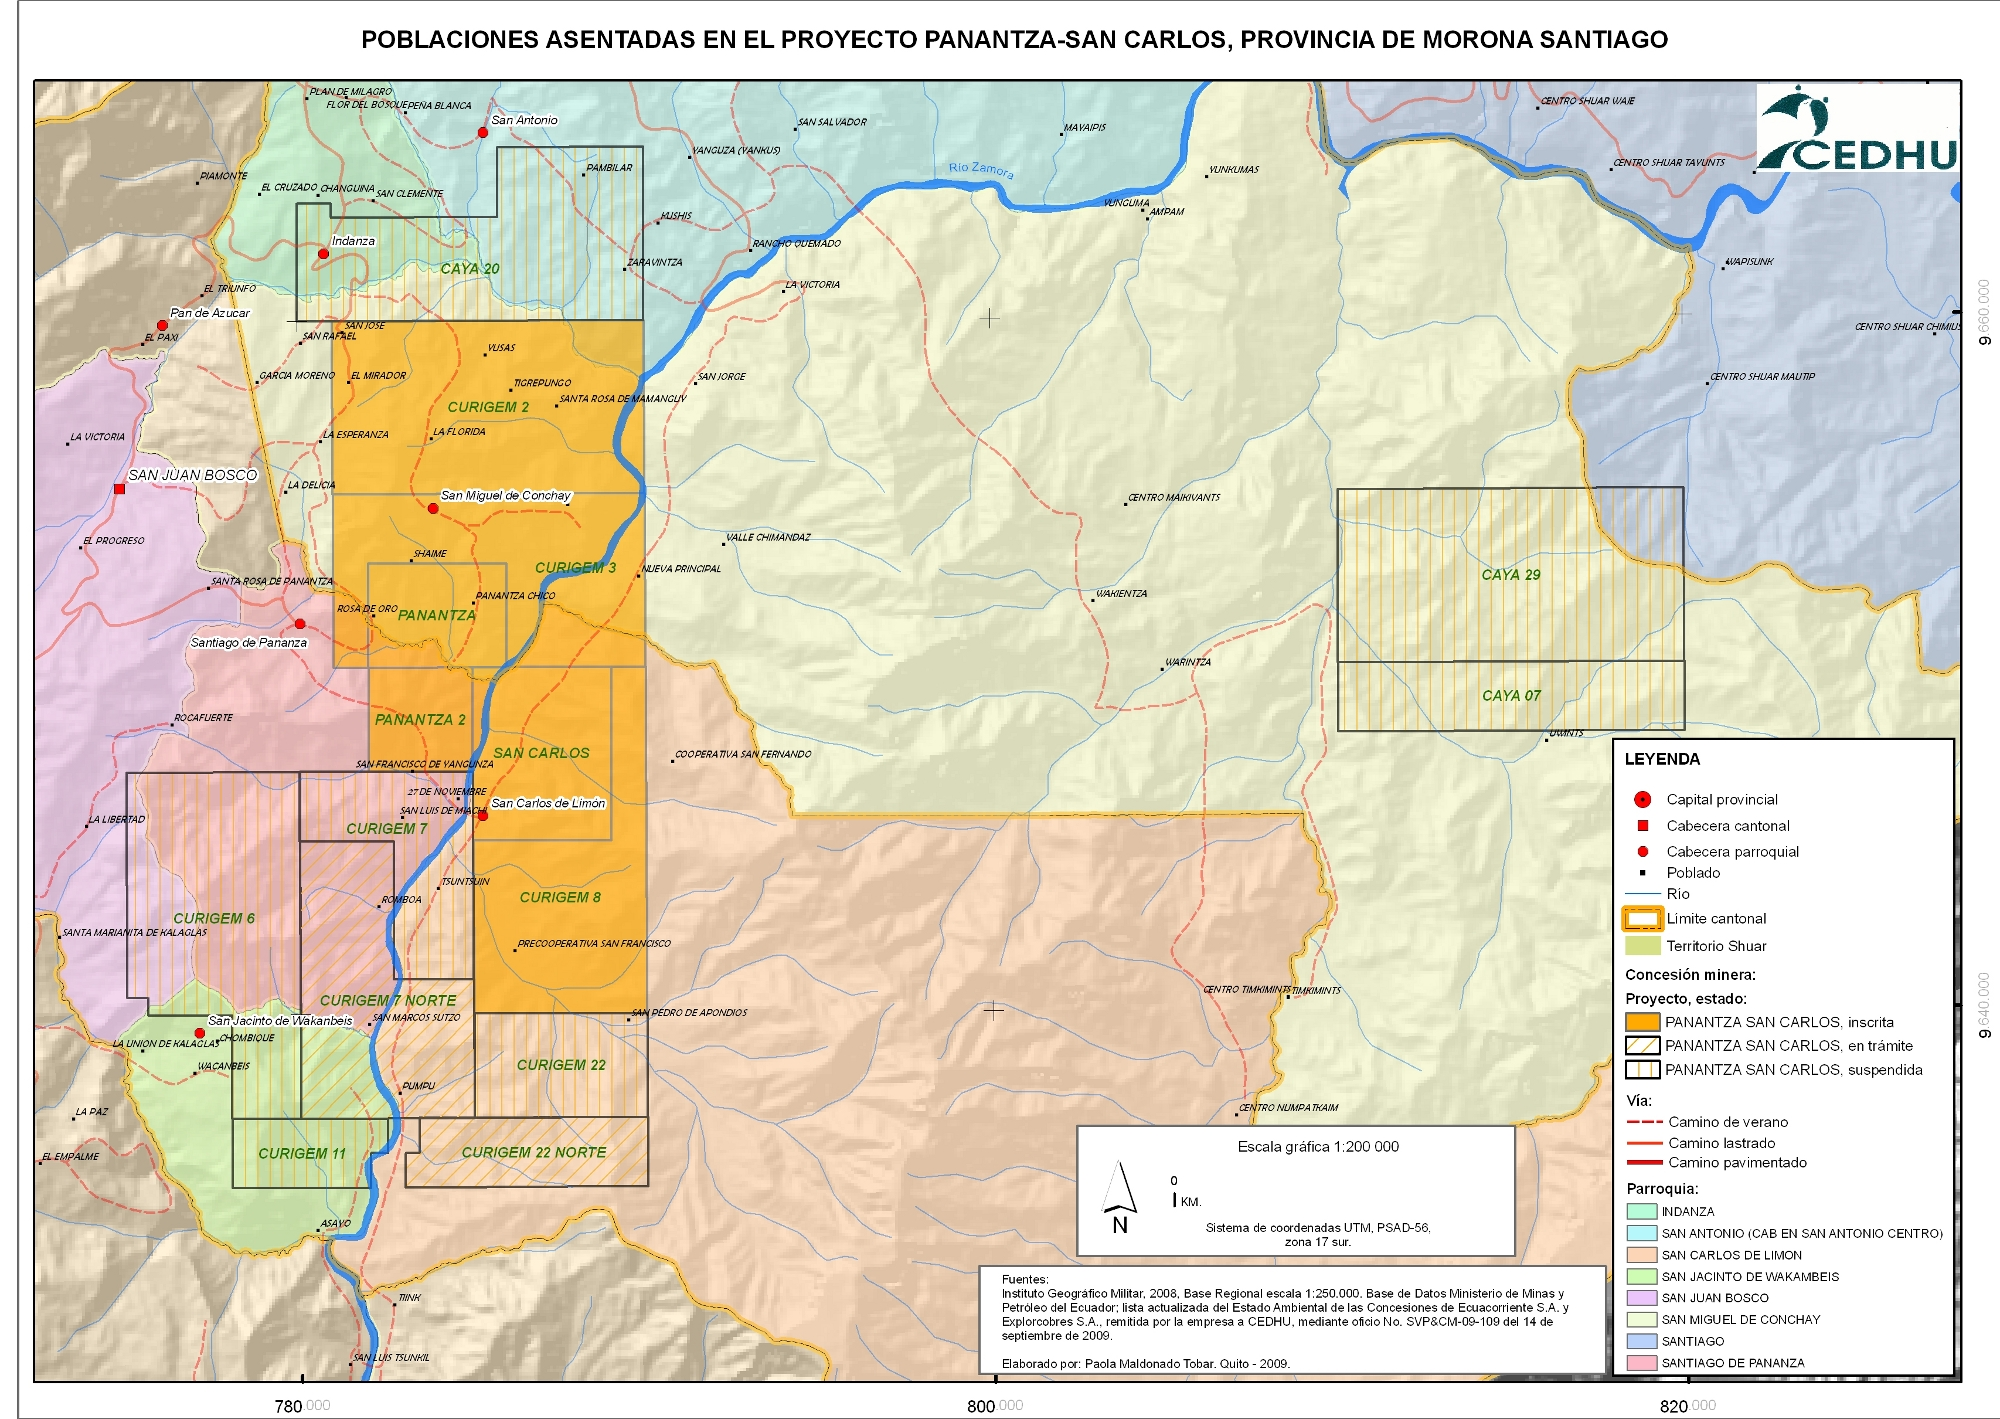 FUENTE: CEDHU - FIDH. Intervención minera a Gran Escala en el Ecuador y Vulneración de derechos humanos, Caso Corriente Resources, 2010